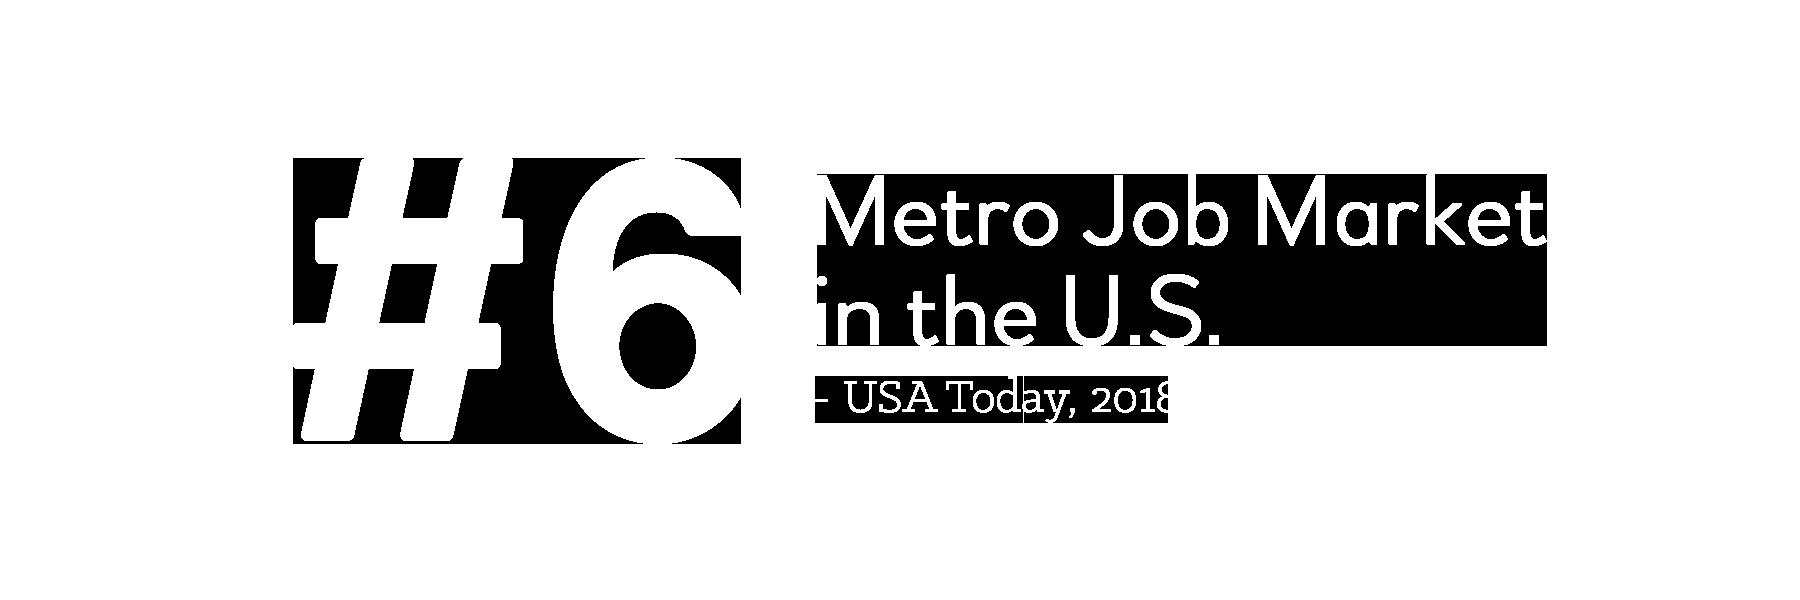 Cost of Living Job Market